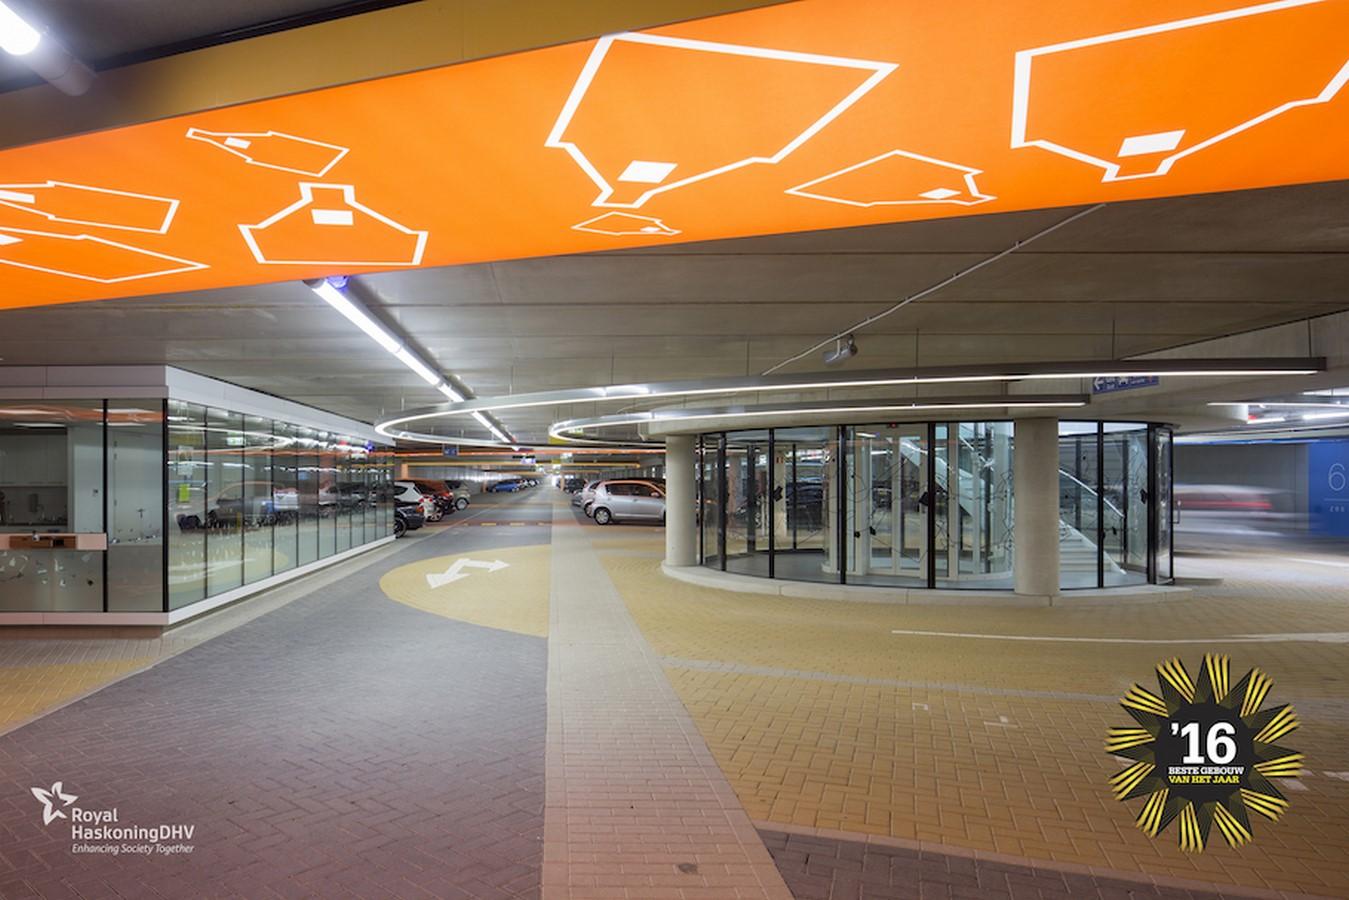 New Underground Parking Garage - Sheet4